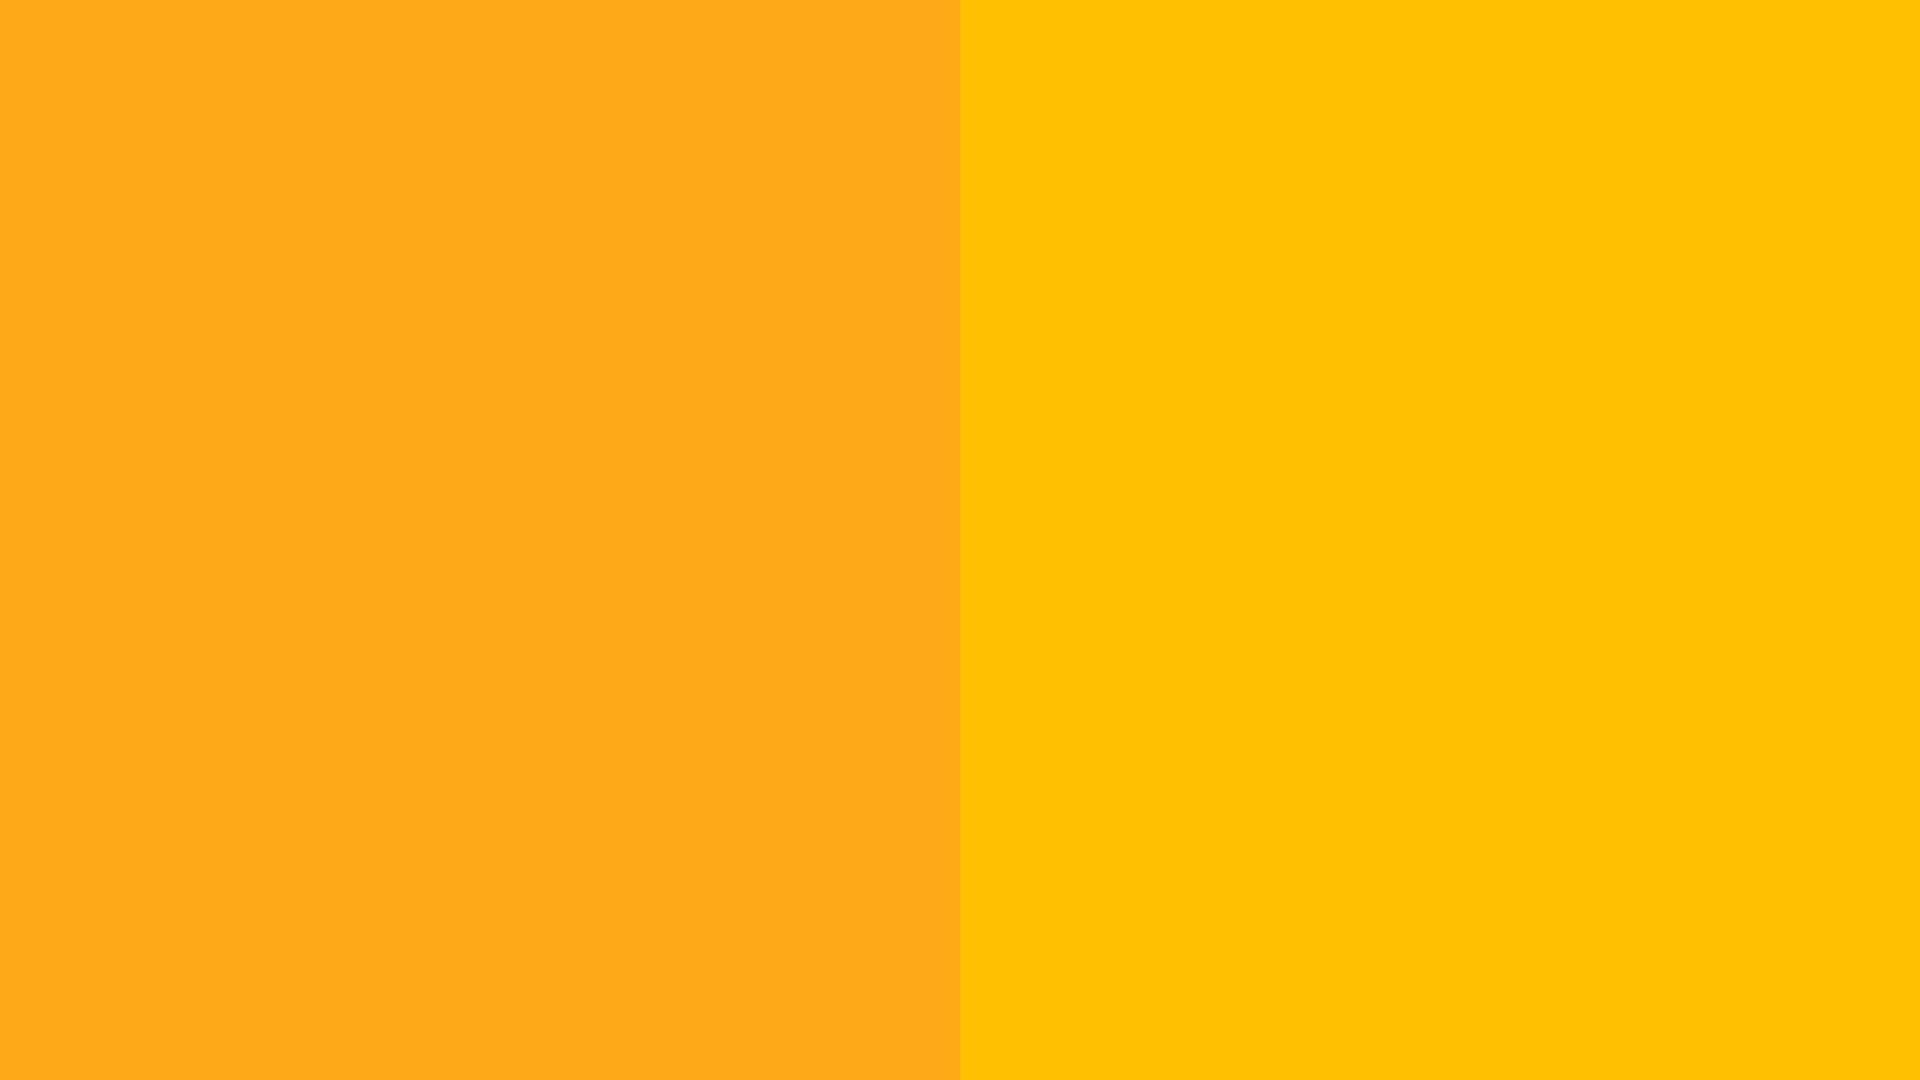 Meleg, tört sárga (ősz) és meleg, élénk sárga (tavasz) színpár.